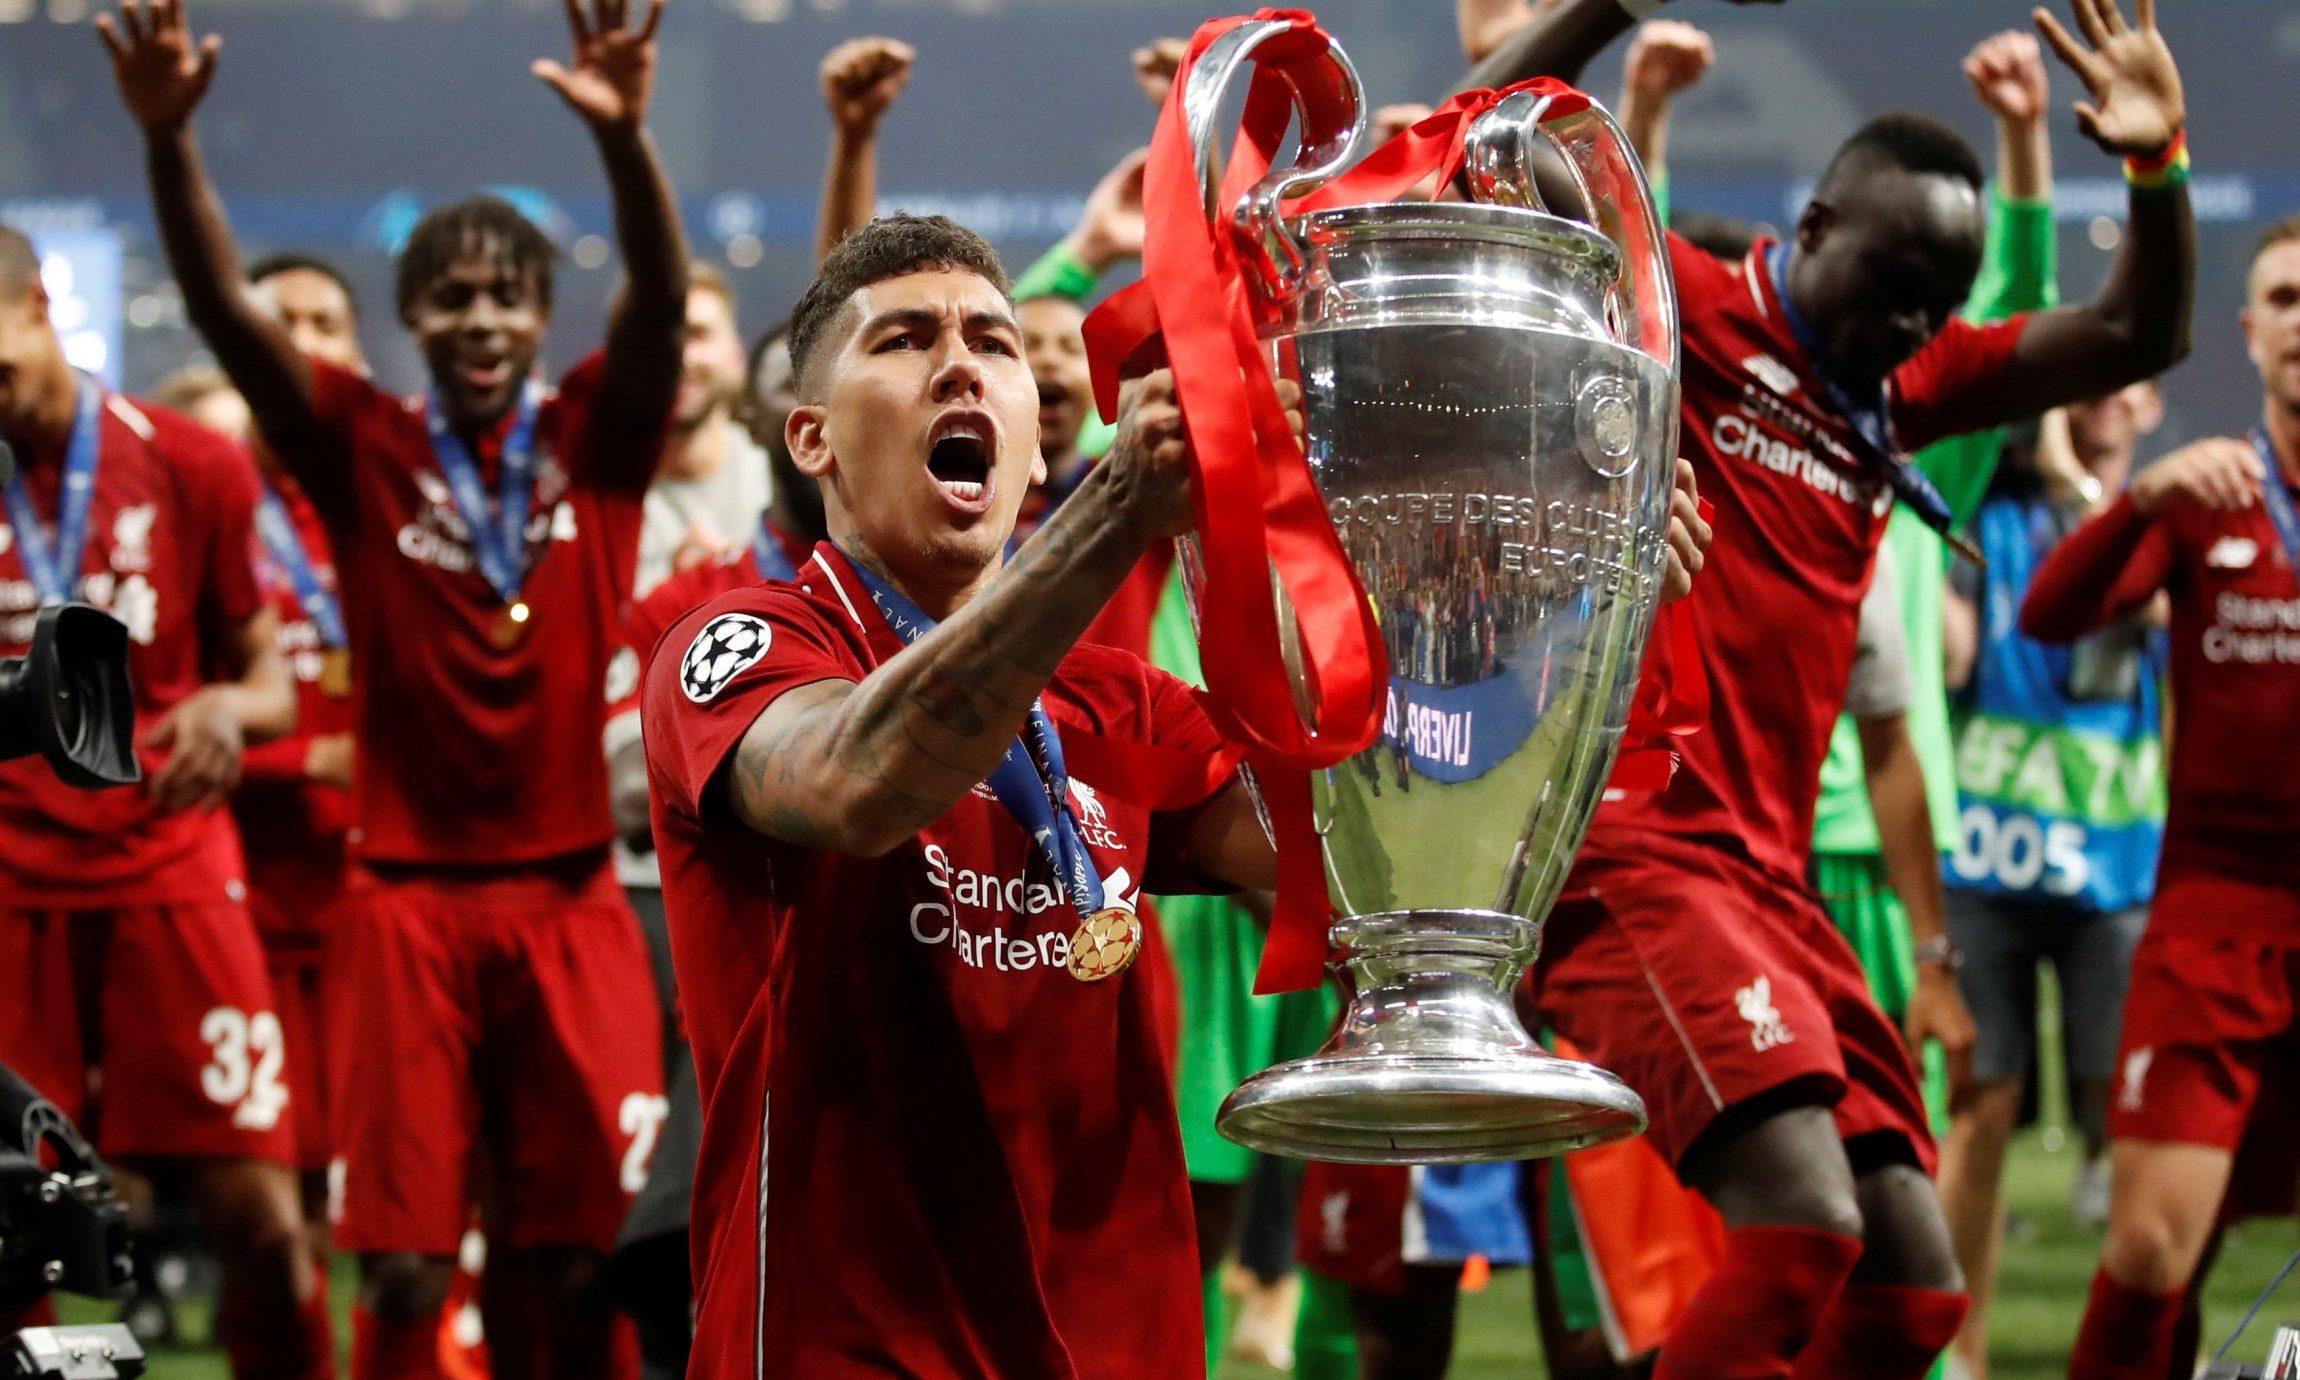 Anh đã đoạt Cúp Bạc Champions League, điều mà Neymar chưa thể làm được cùng PSG...